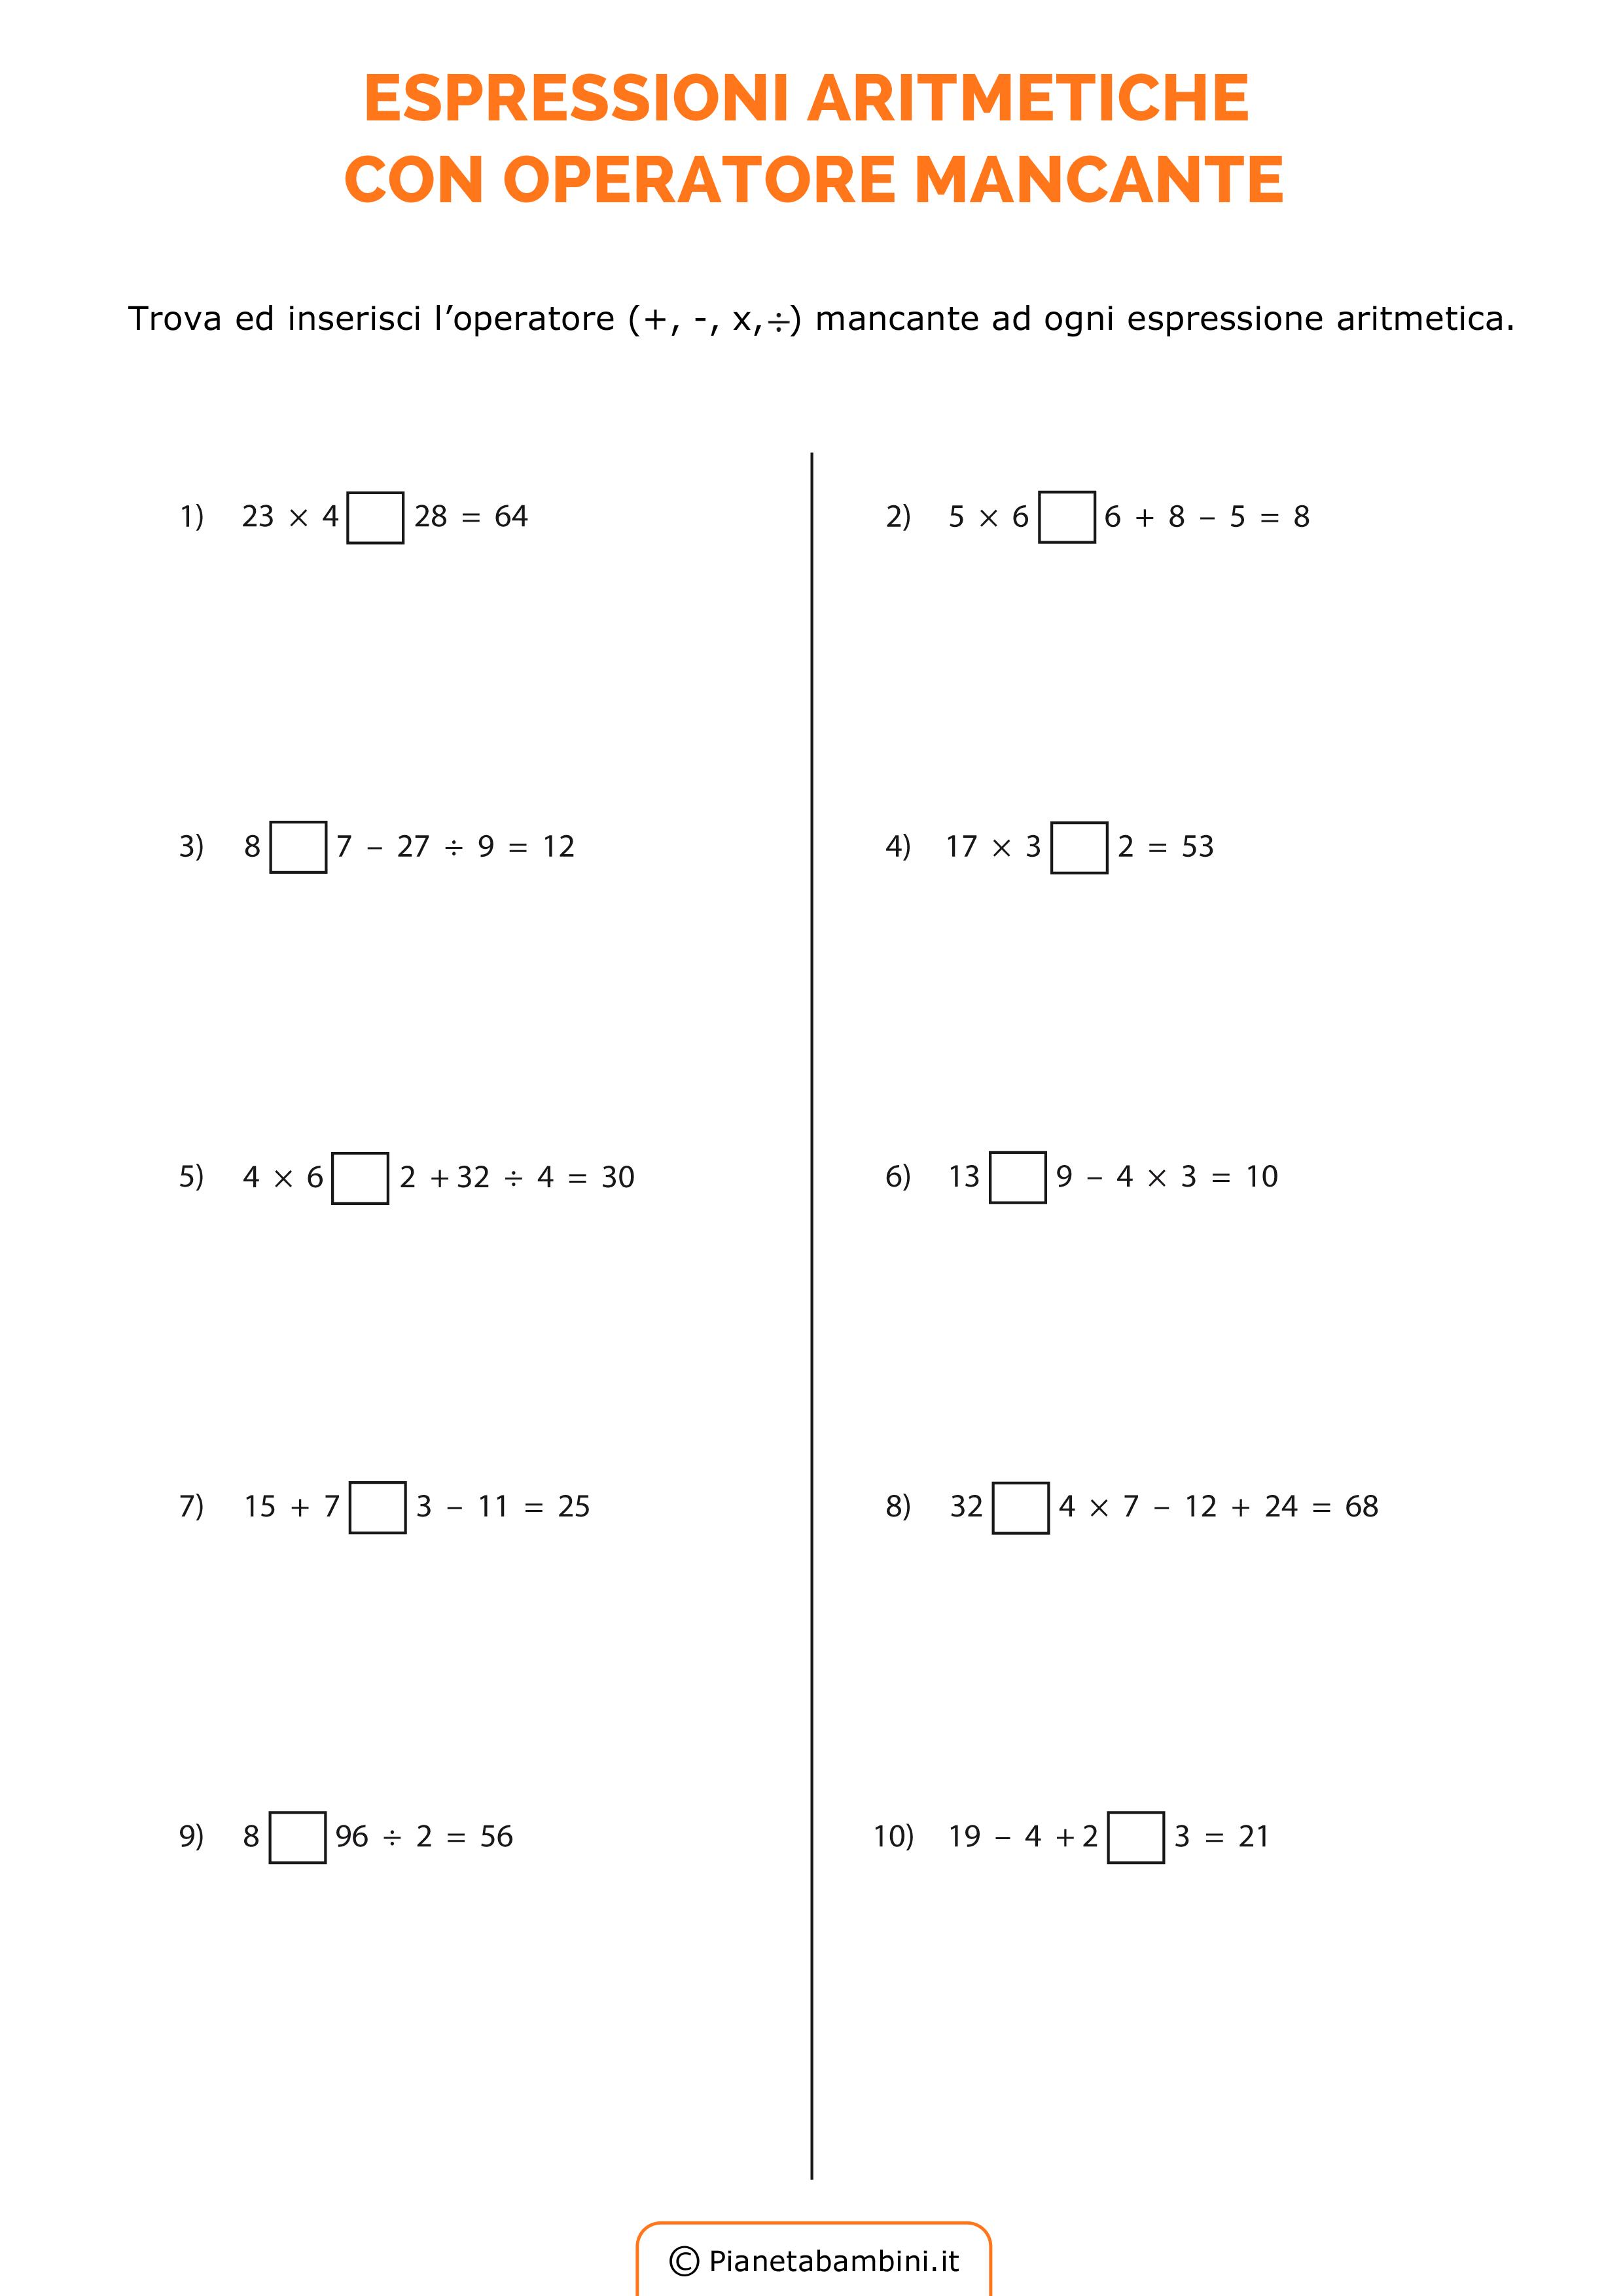 Esercizi-Espressioni-Operatore-Mancante_2